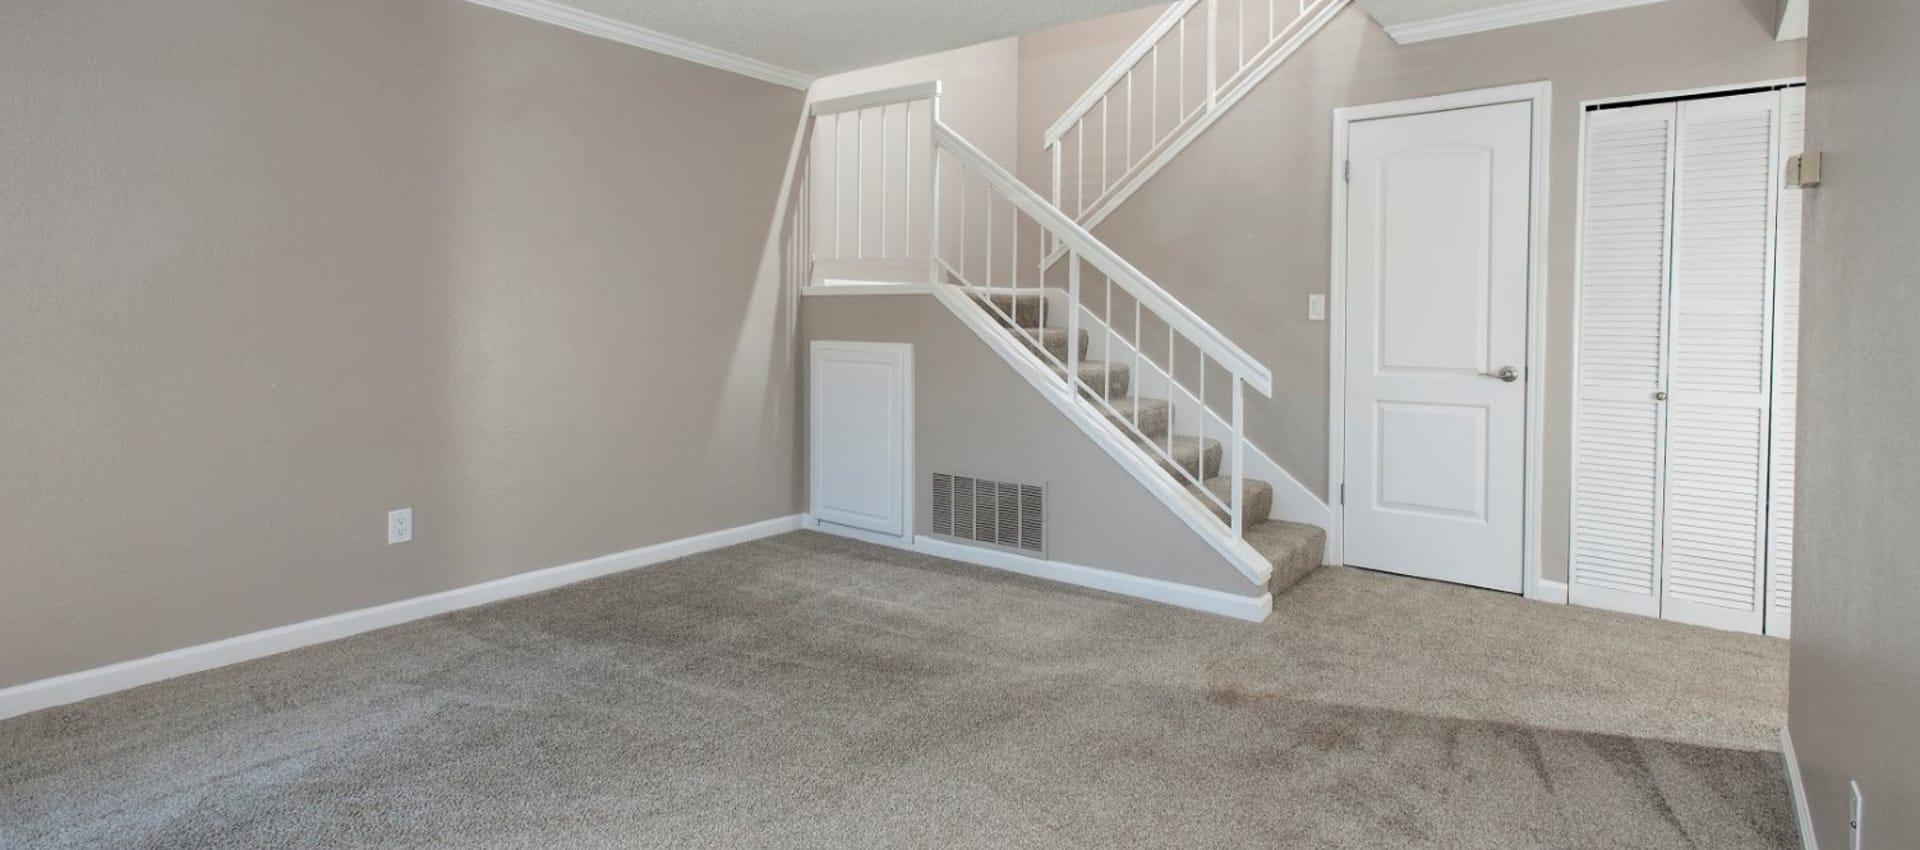 Living room at Ridgecrest Apartment Homes in Martinez, California